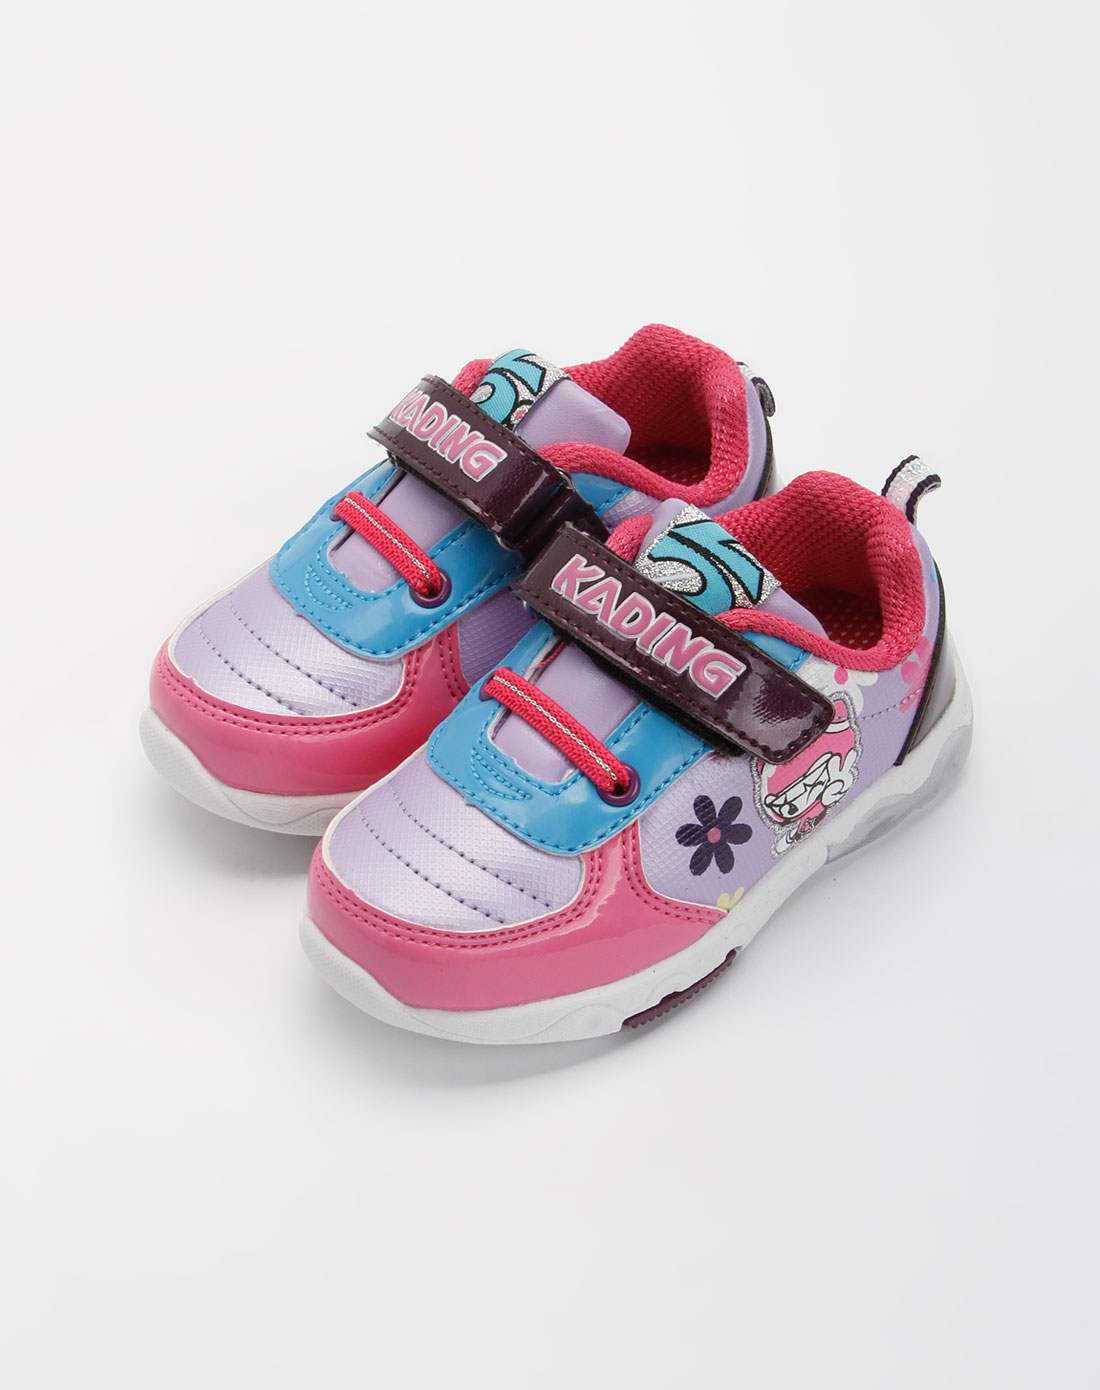 卡丁童鞋-女宝宝粉红/紫色闪灯运动鞋